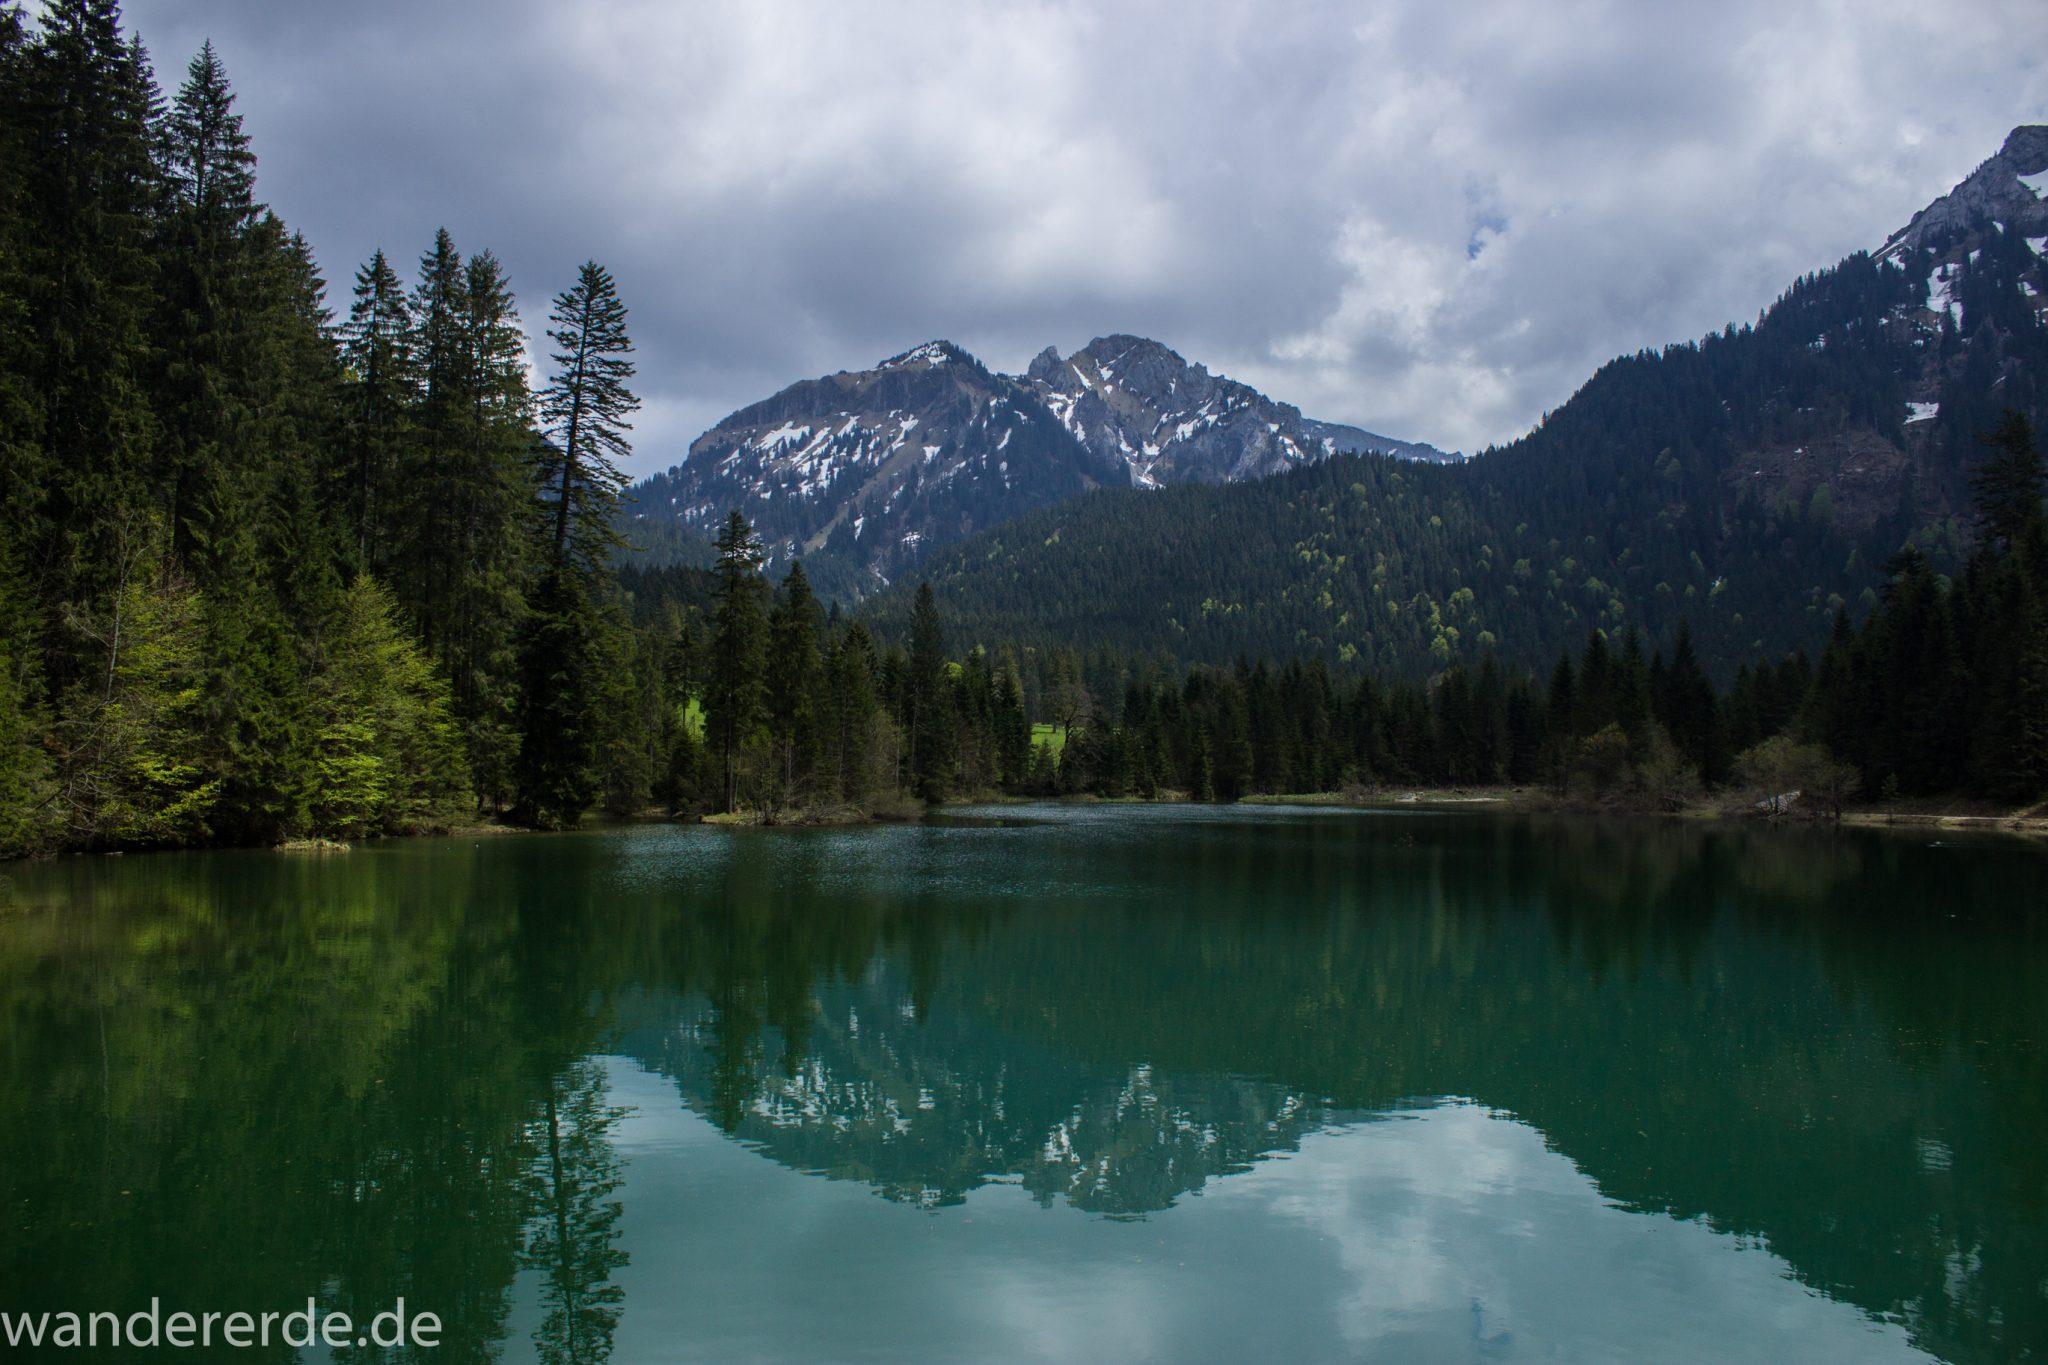 Wanderung zur Kenzenhütte in den Ammergauer Alpen, Aussicht beim Bockstallsee auf die Berge, teils schneebedeckte Gipfel in Wolken gehüllt, Frühjahr in den bayerischen Alpen, dichter grüner Wald umgibt den Bockstallsee